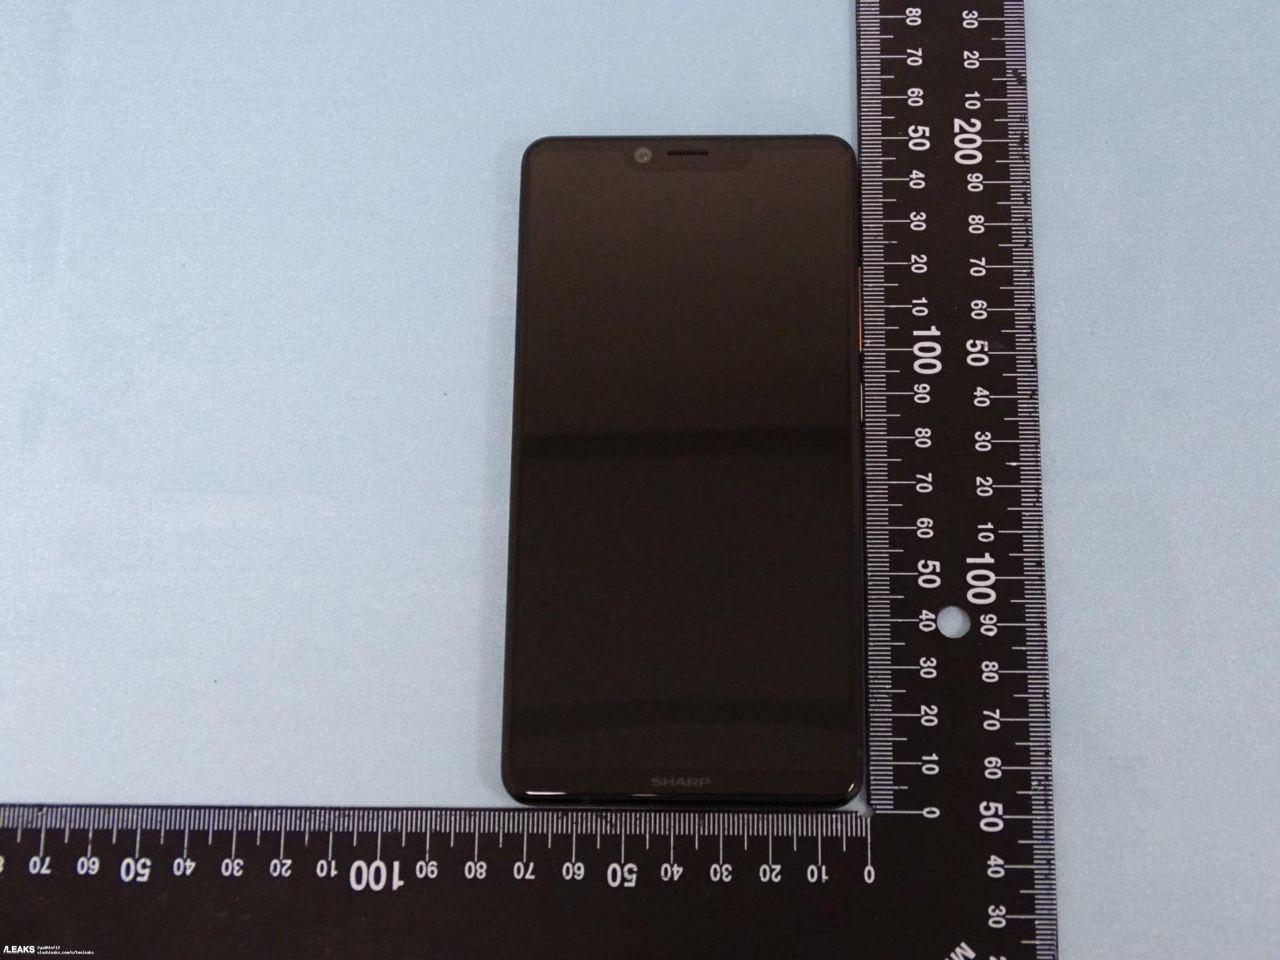 İşte Sharp'ın yeni telefonunun görüntüleri! - Page 1